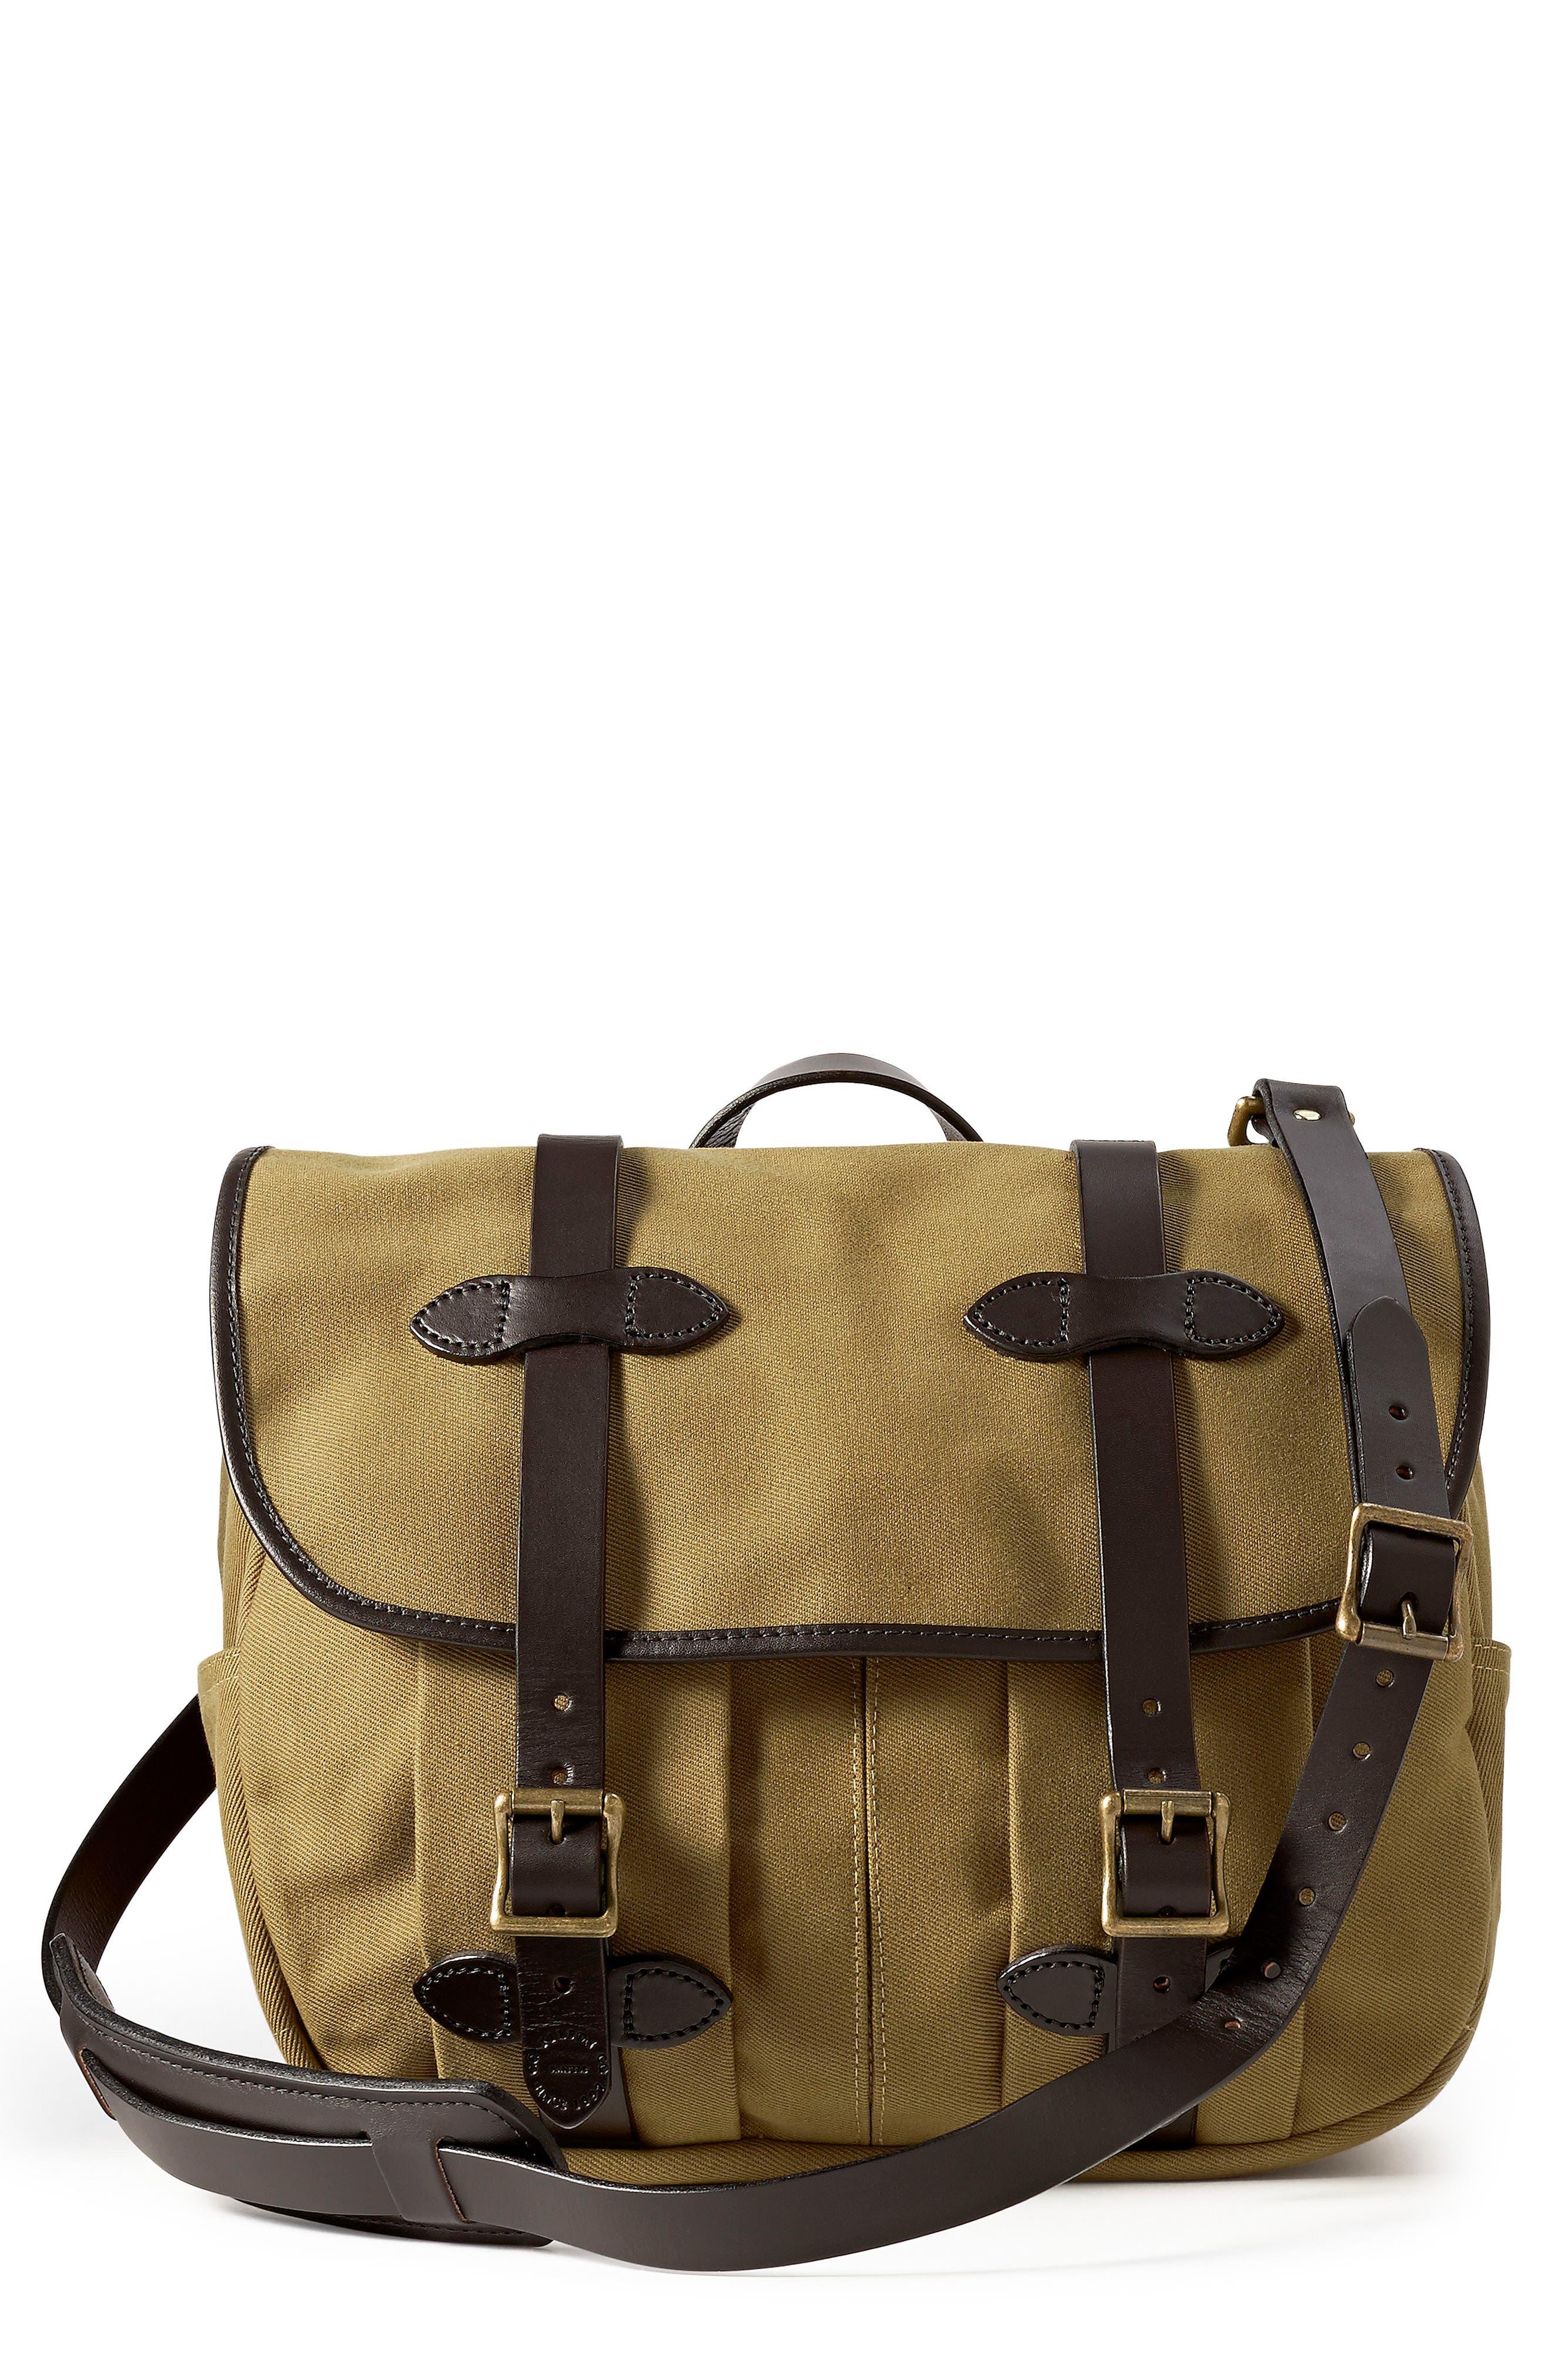 FILSON,                             Medium Field Bag,                             Main thumbnail 1, color,                             TAN